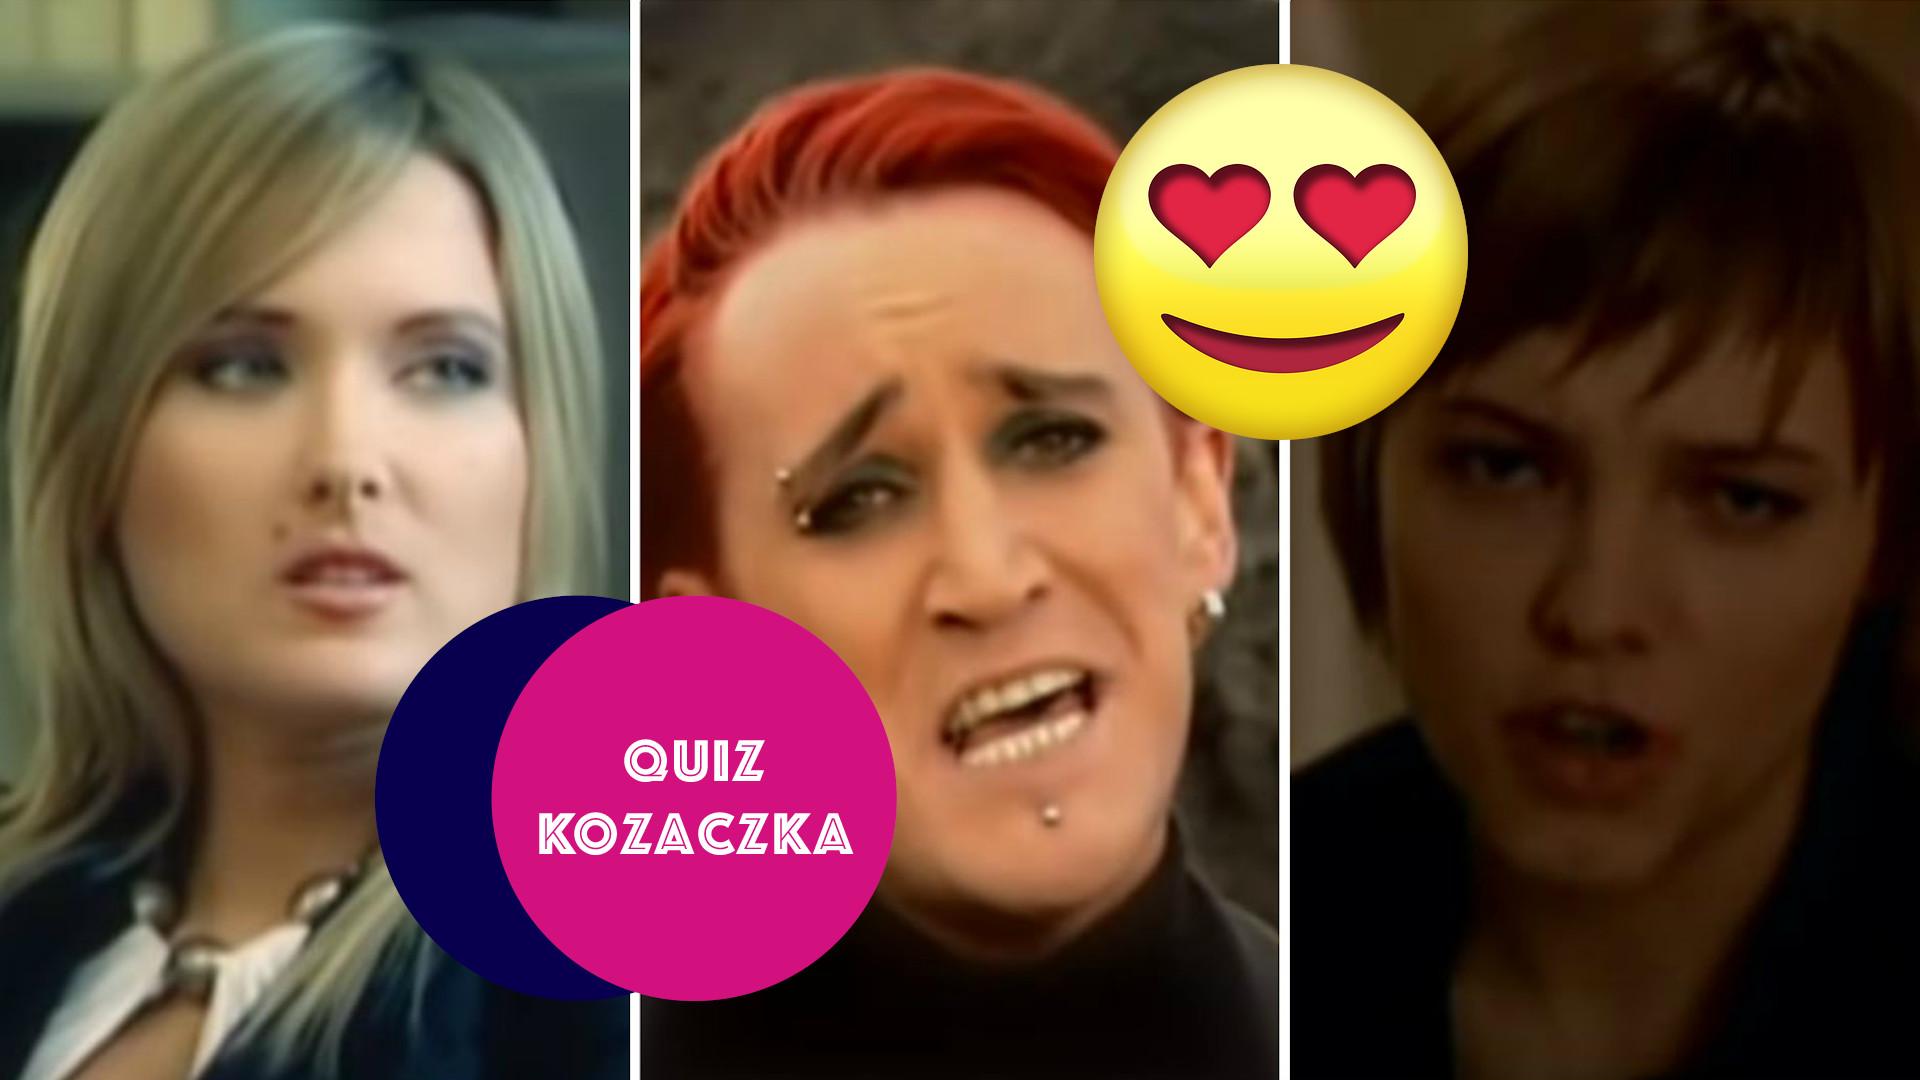 Cytaty z polskich piosenek o MIŁOŚCI. Poznasz które to? (QUIZ)